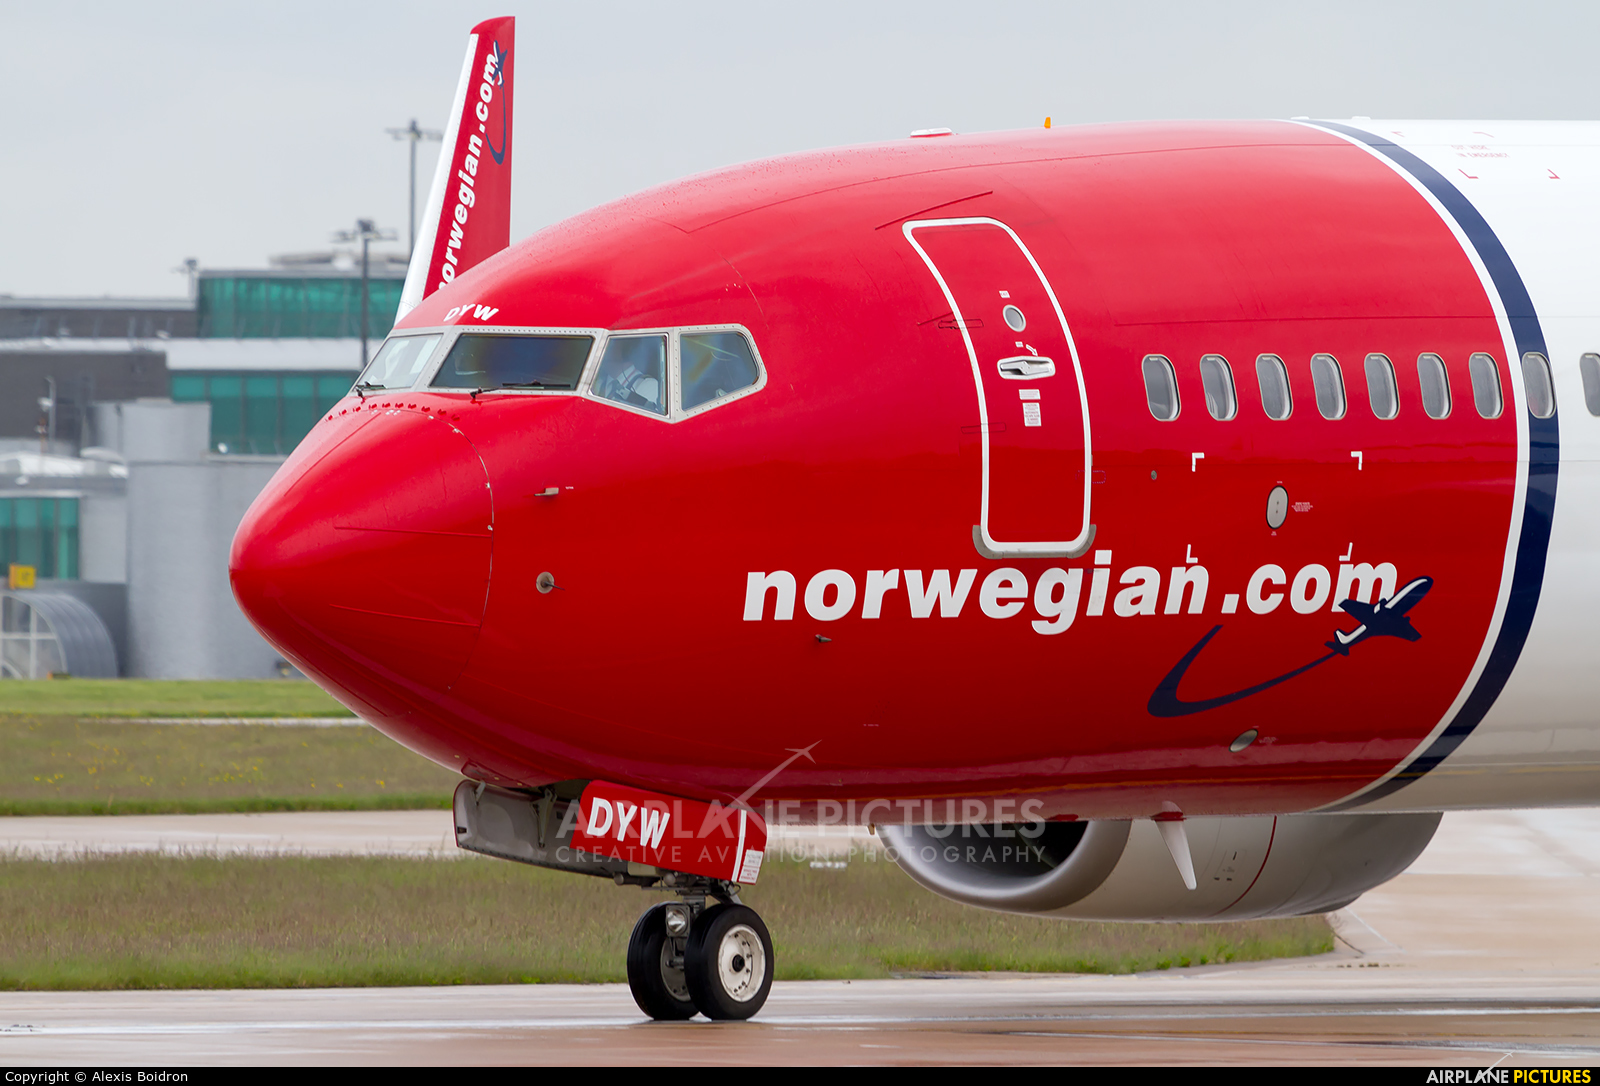 Norwegian Air Shuttle LN-DYW aircraft at Manchester